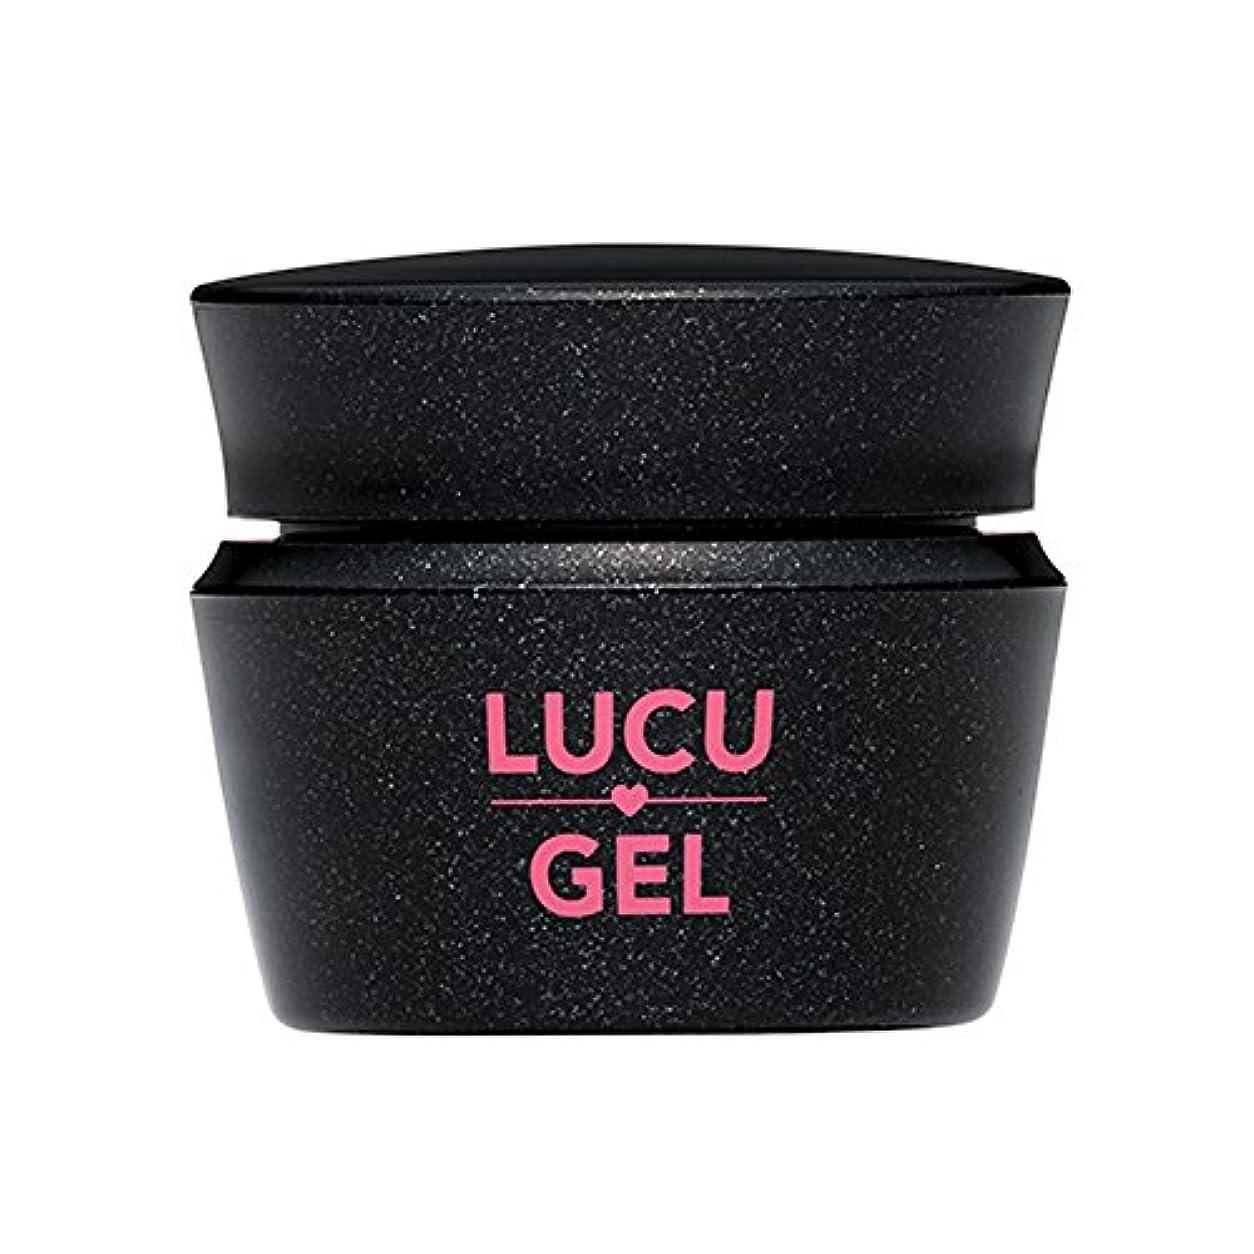 試みる高い行為LUCUGEL カラージェル BLM11 3.5g マット UV/LED対応